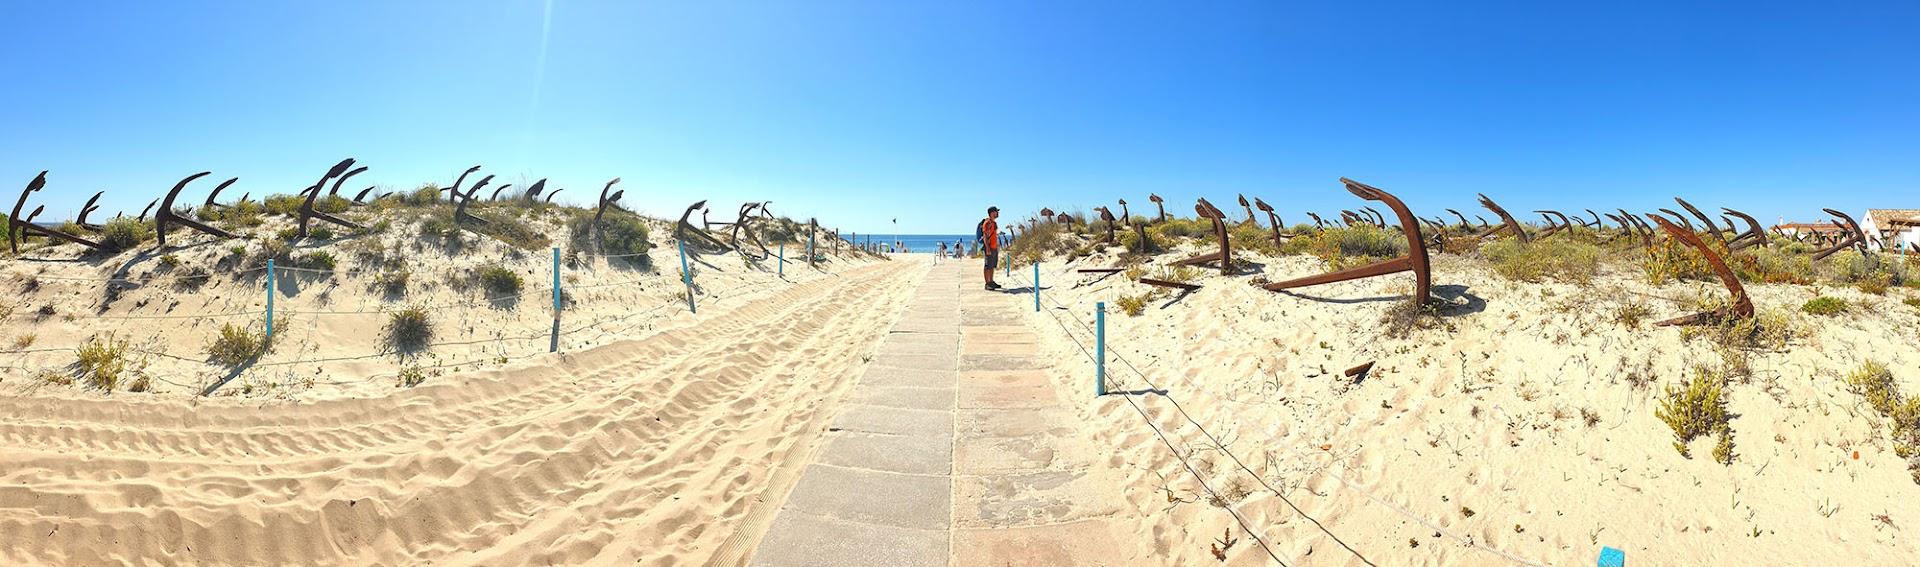 OS MELHORES TRILHOS DO ALGARVE | Os mais belos percursos pedestres para explorar o Algarve a pé